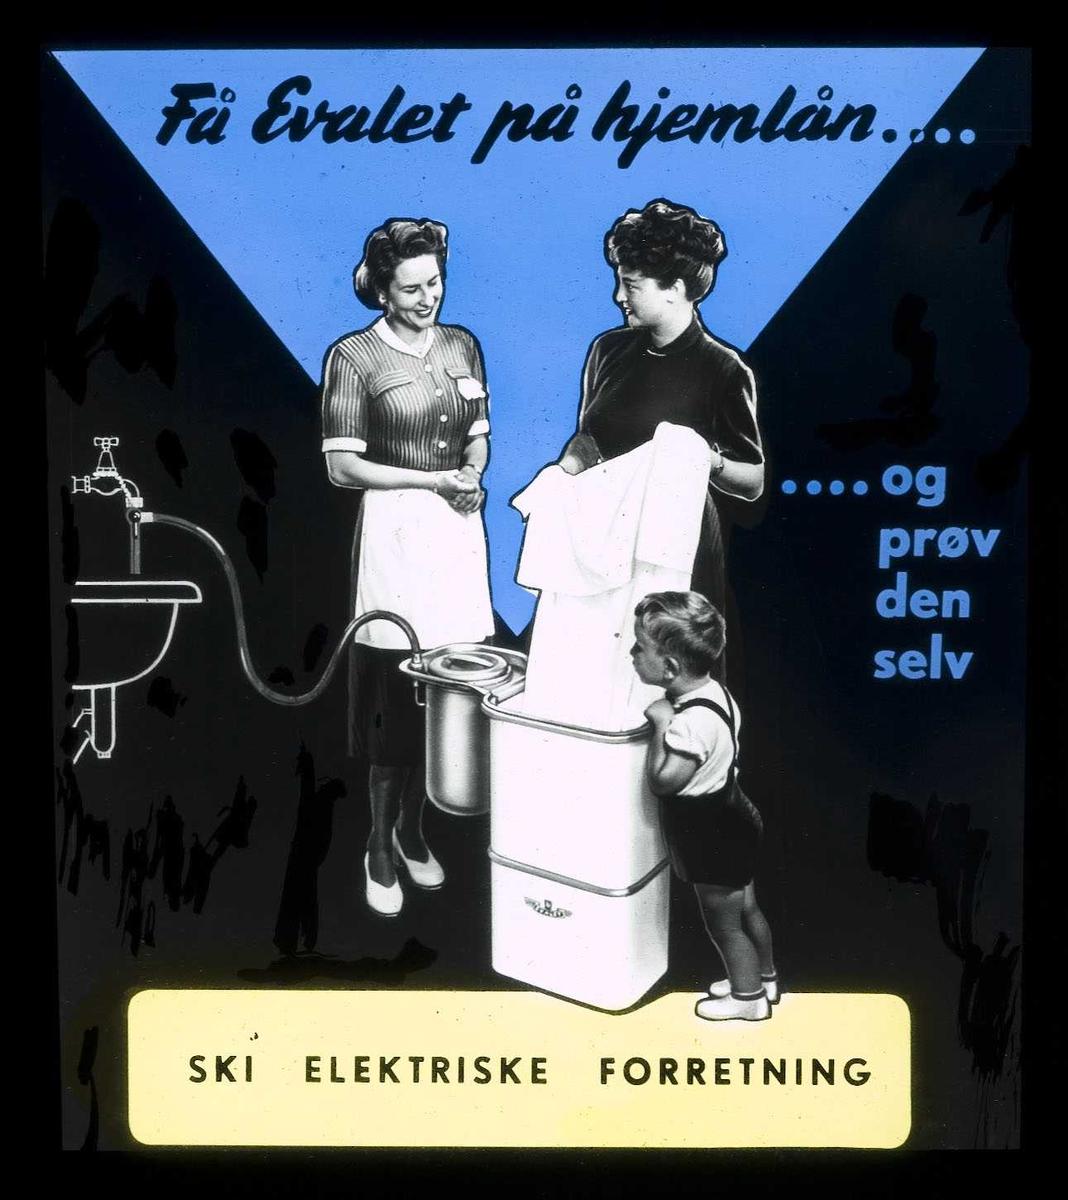 Kinoreklame fra Ski for vaskemaskin. Få Evalet på hjemlån og prøv den selv. Ski elektriske forretning.